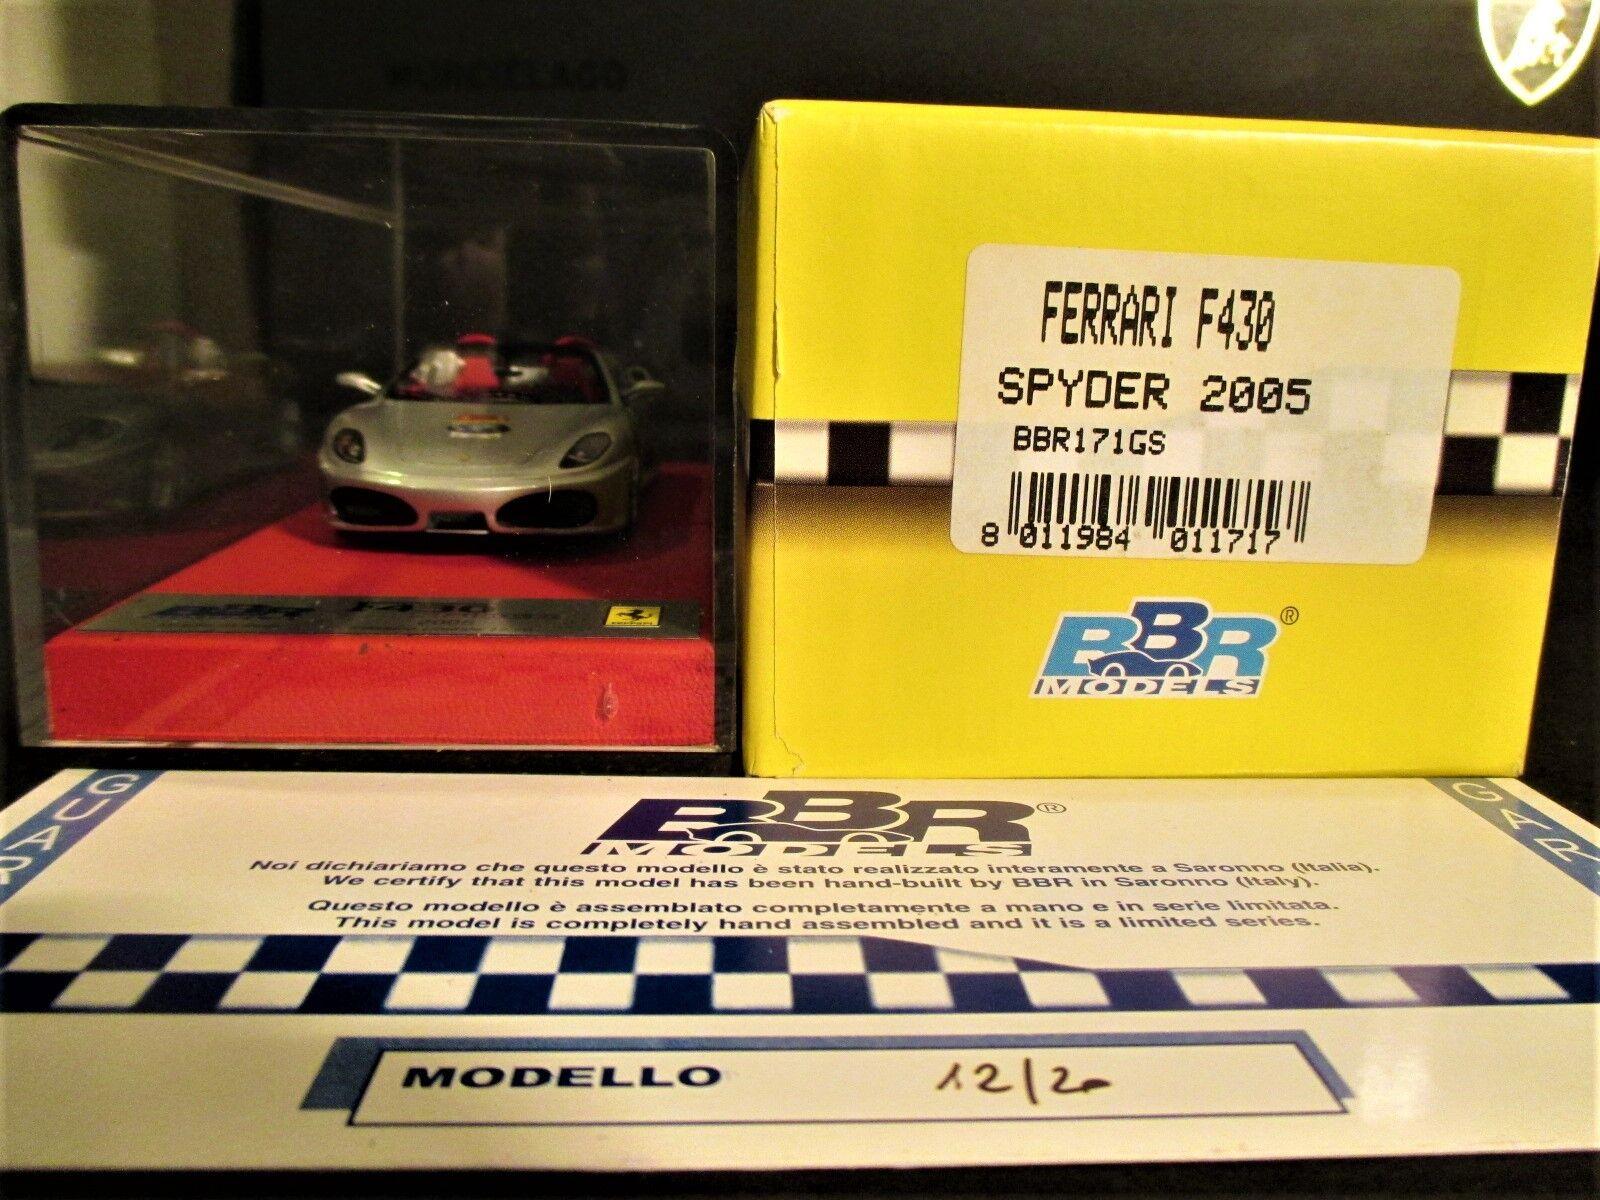 FERRARI F430 SPYDER 2005 60th RELAY PREMIUM gris BBR 1 43  BBR171GS N°12 20